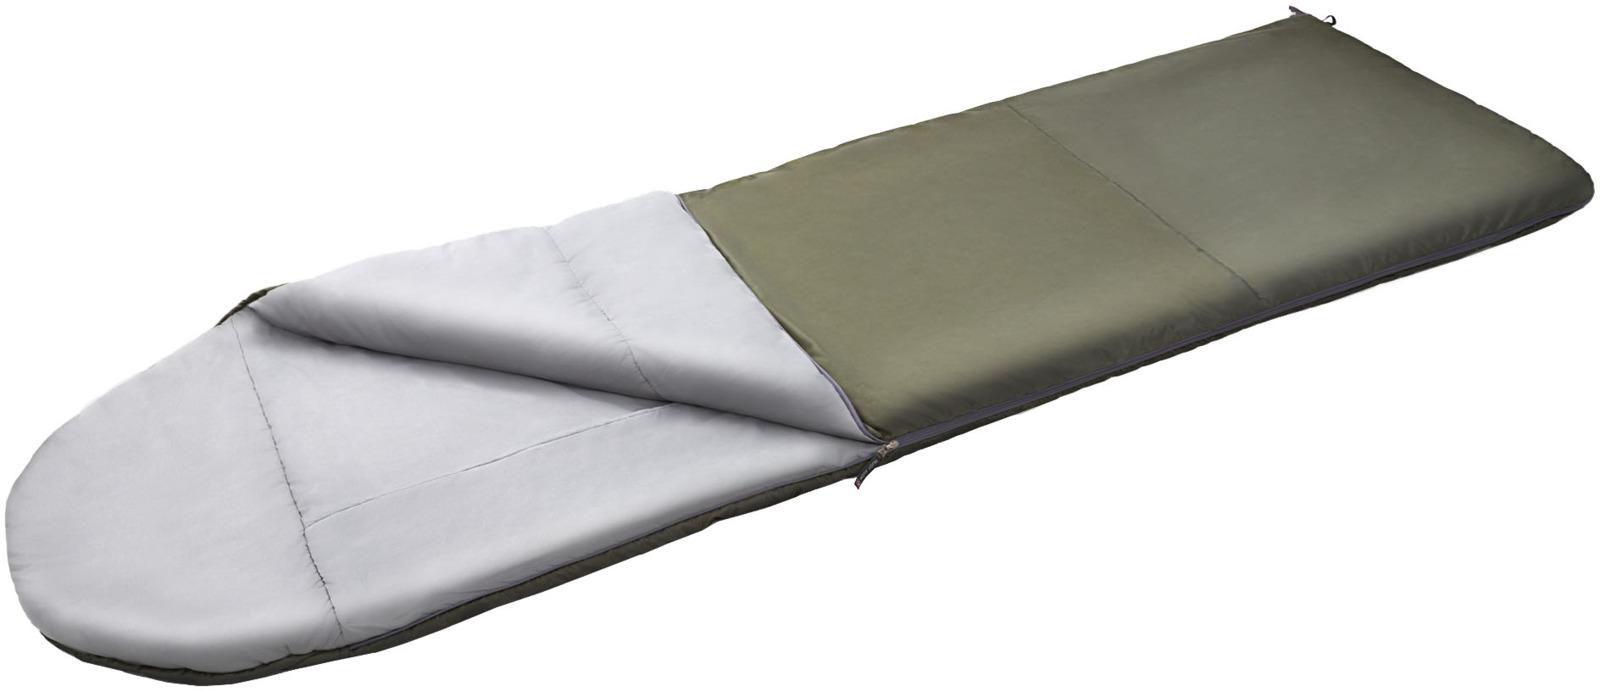 Спальный мешок Nova Tour Карелия +5, левосторонняя молния, 96586, темно-зеленый, размер M (180 см)